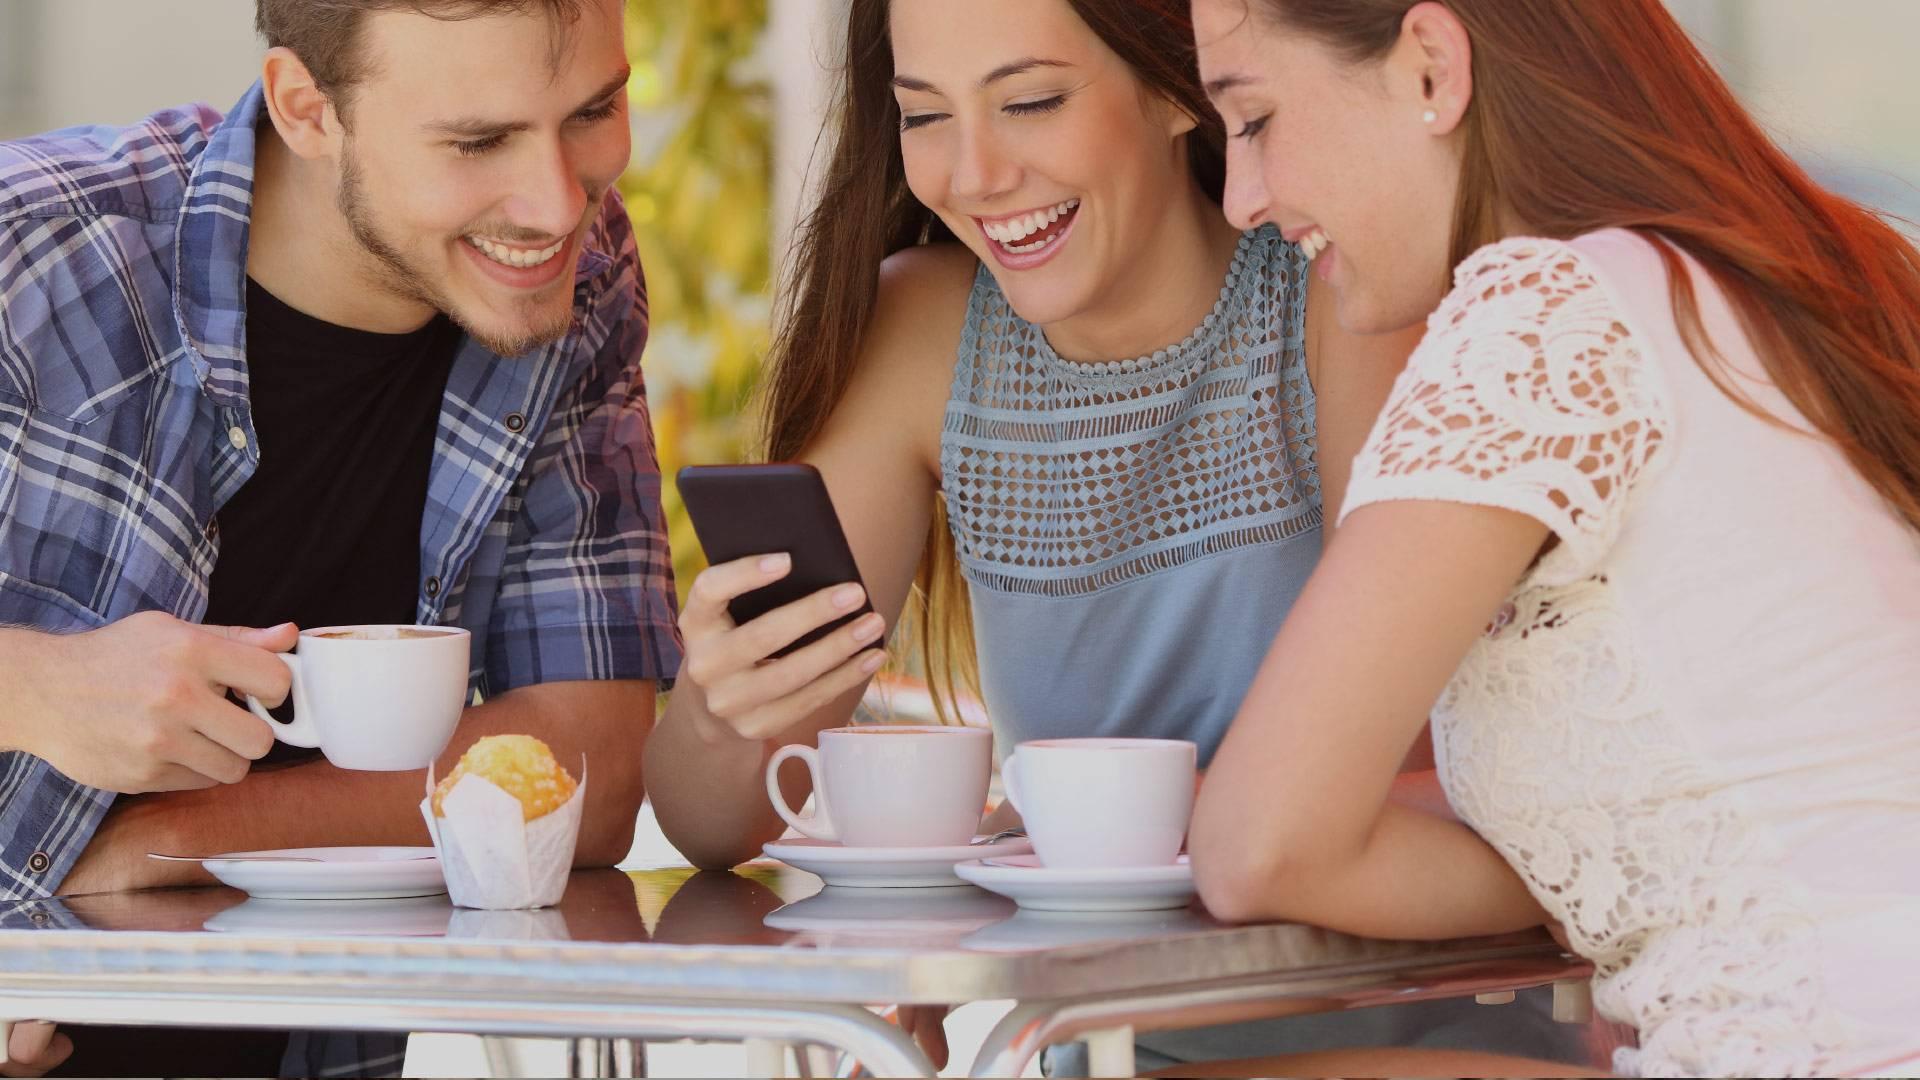 šmaikštus vienas įklotai dating website kas yra catrific pažintys 2021